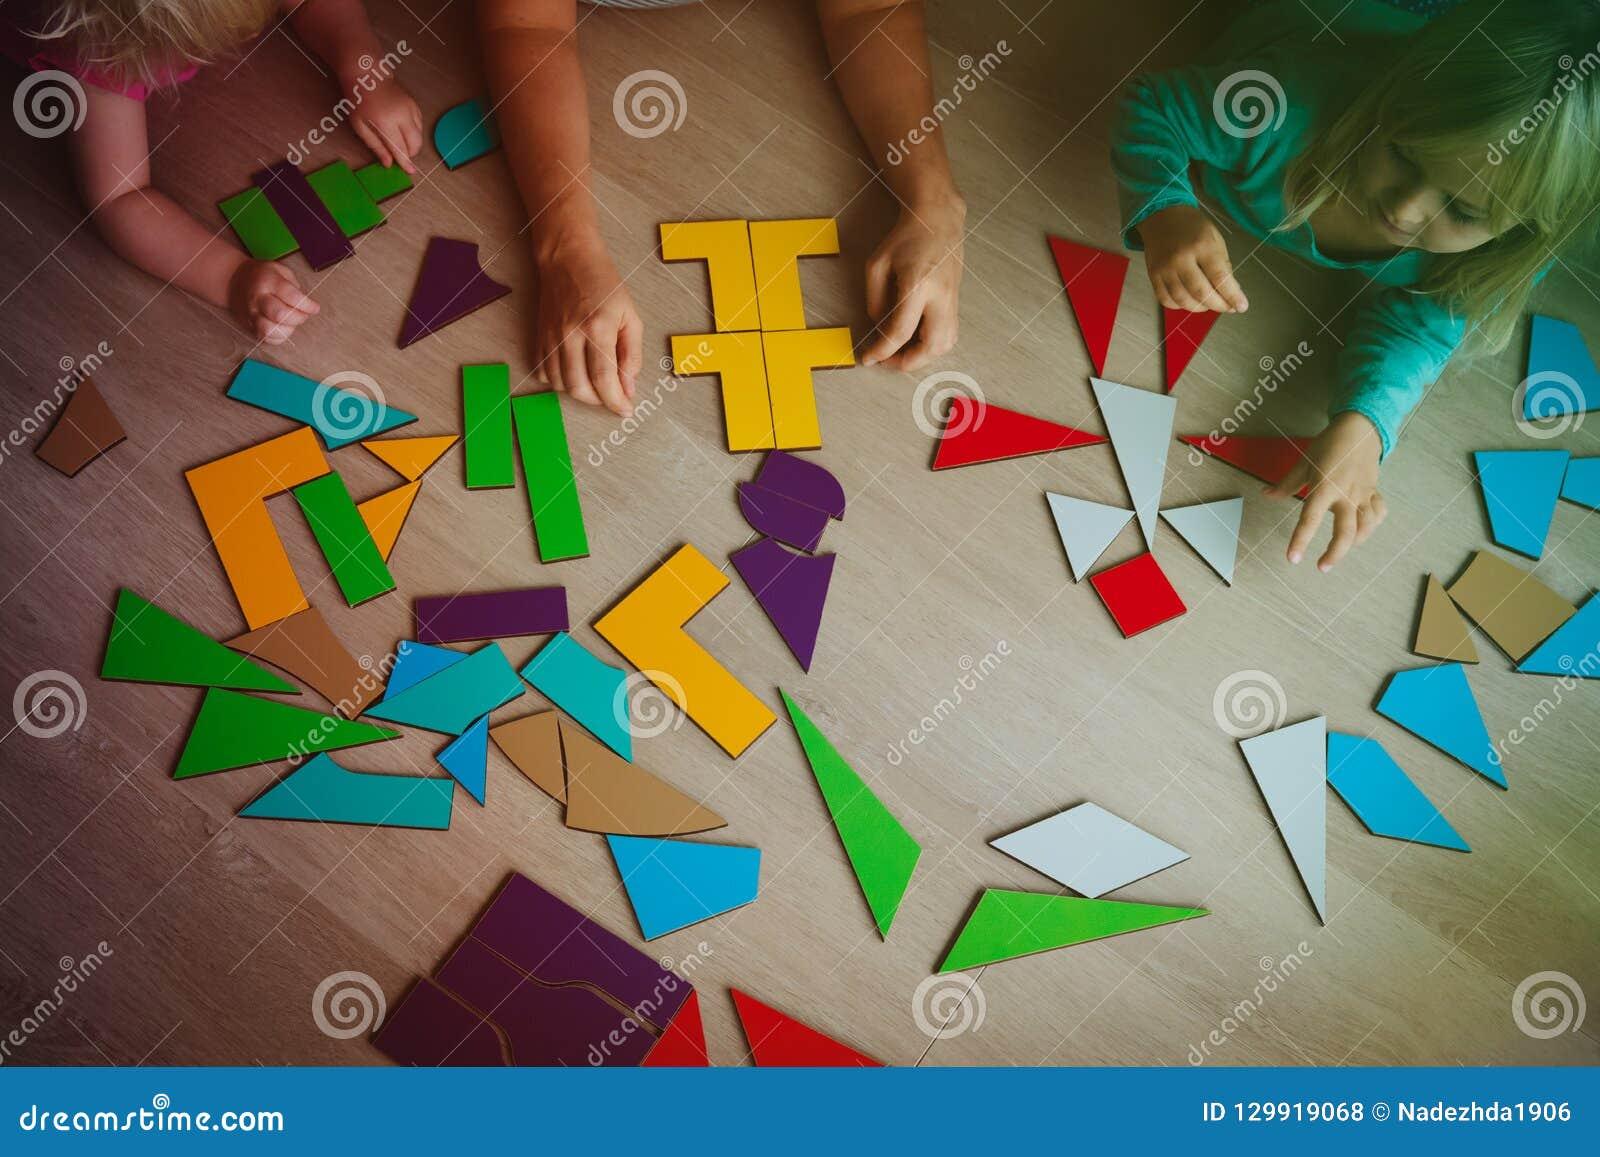 Läraren och ungar spelar med pusslet, lär matematik